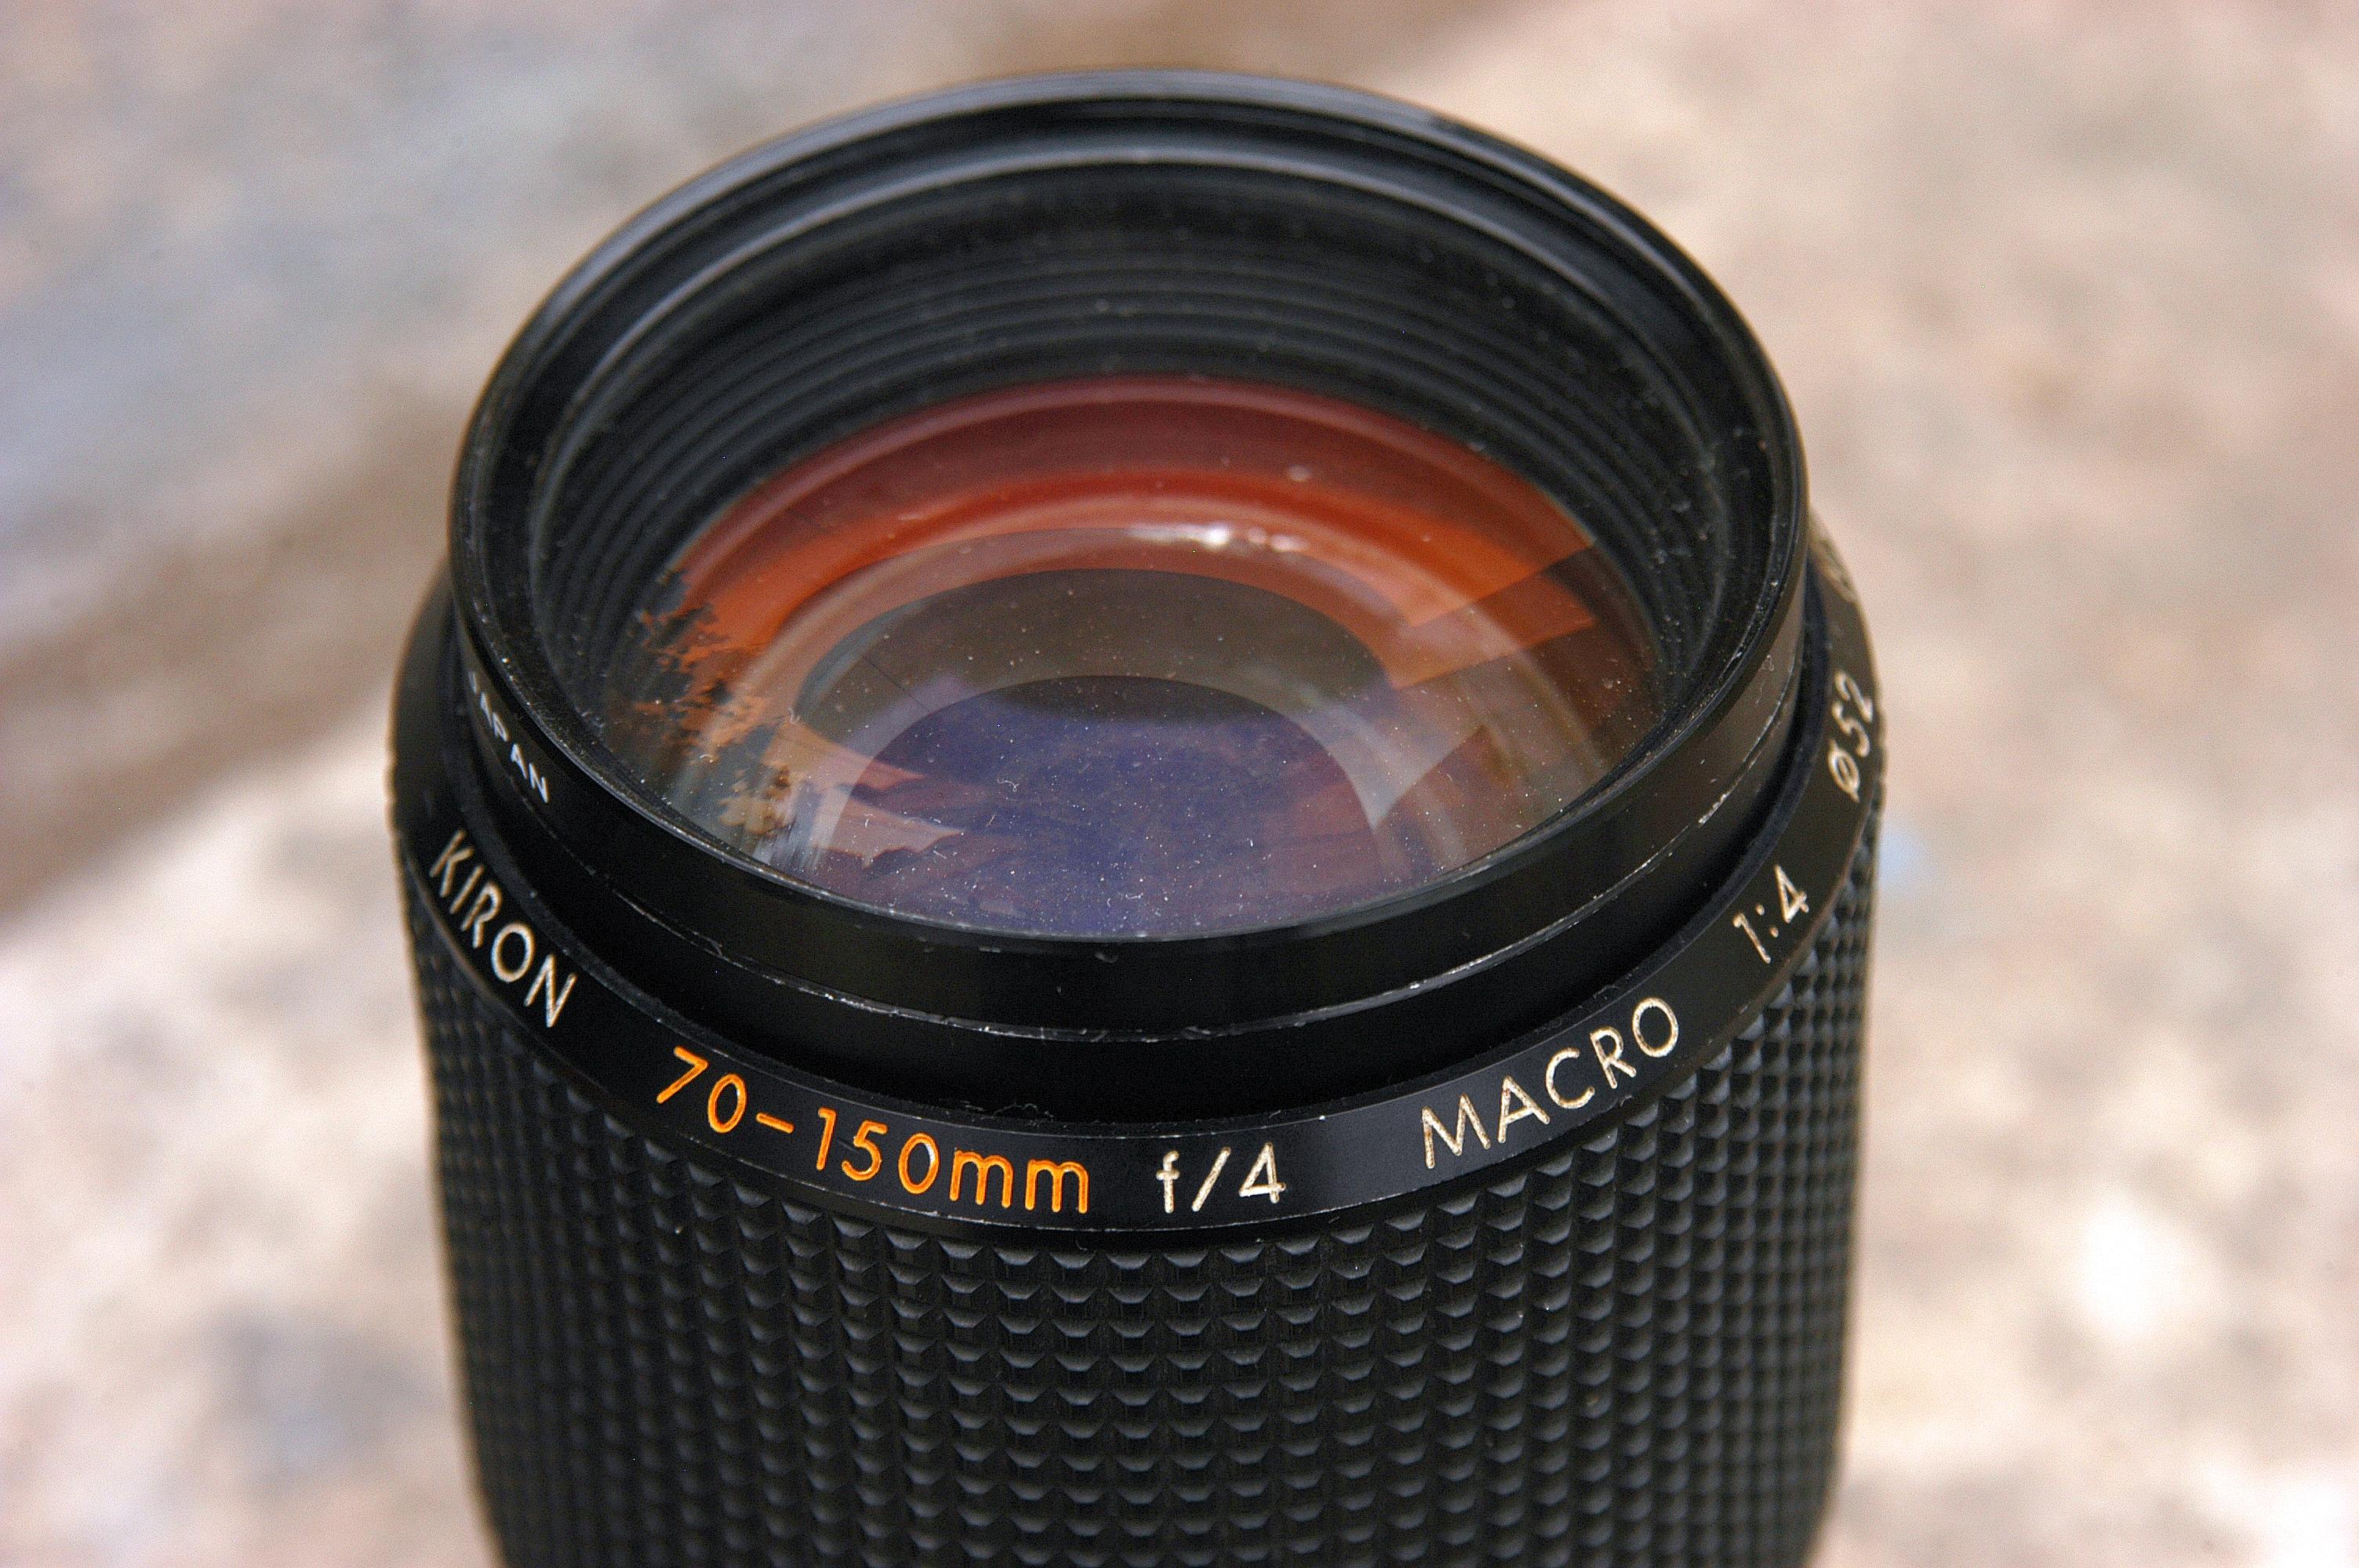 Kiron Lenses - Wikipedia